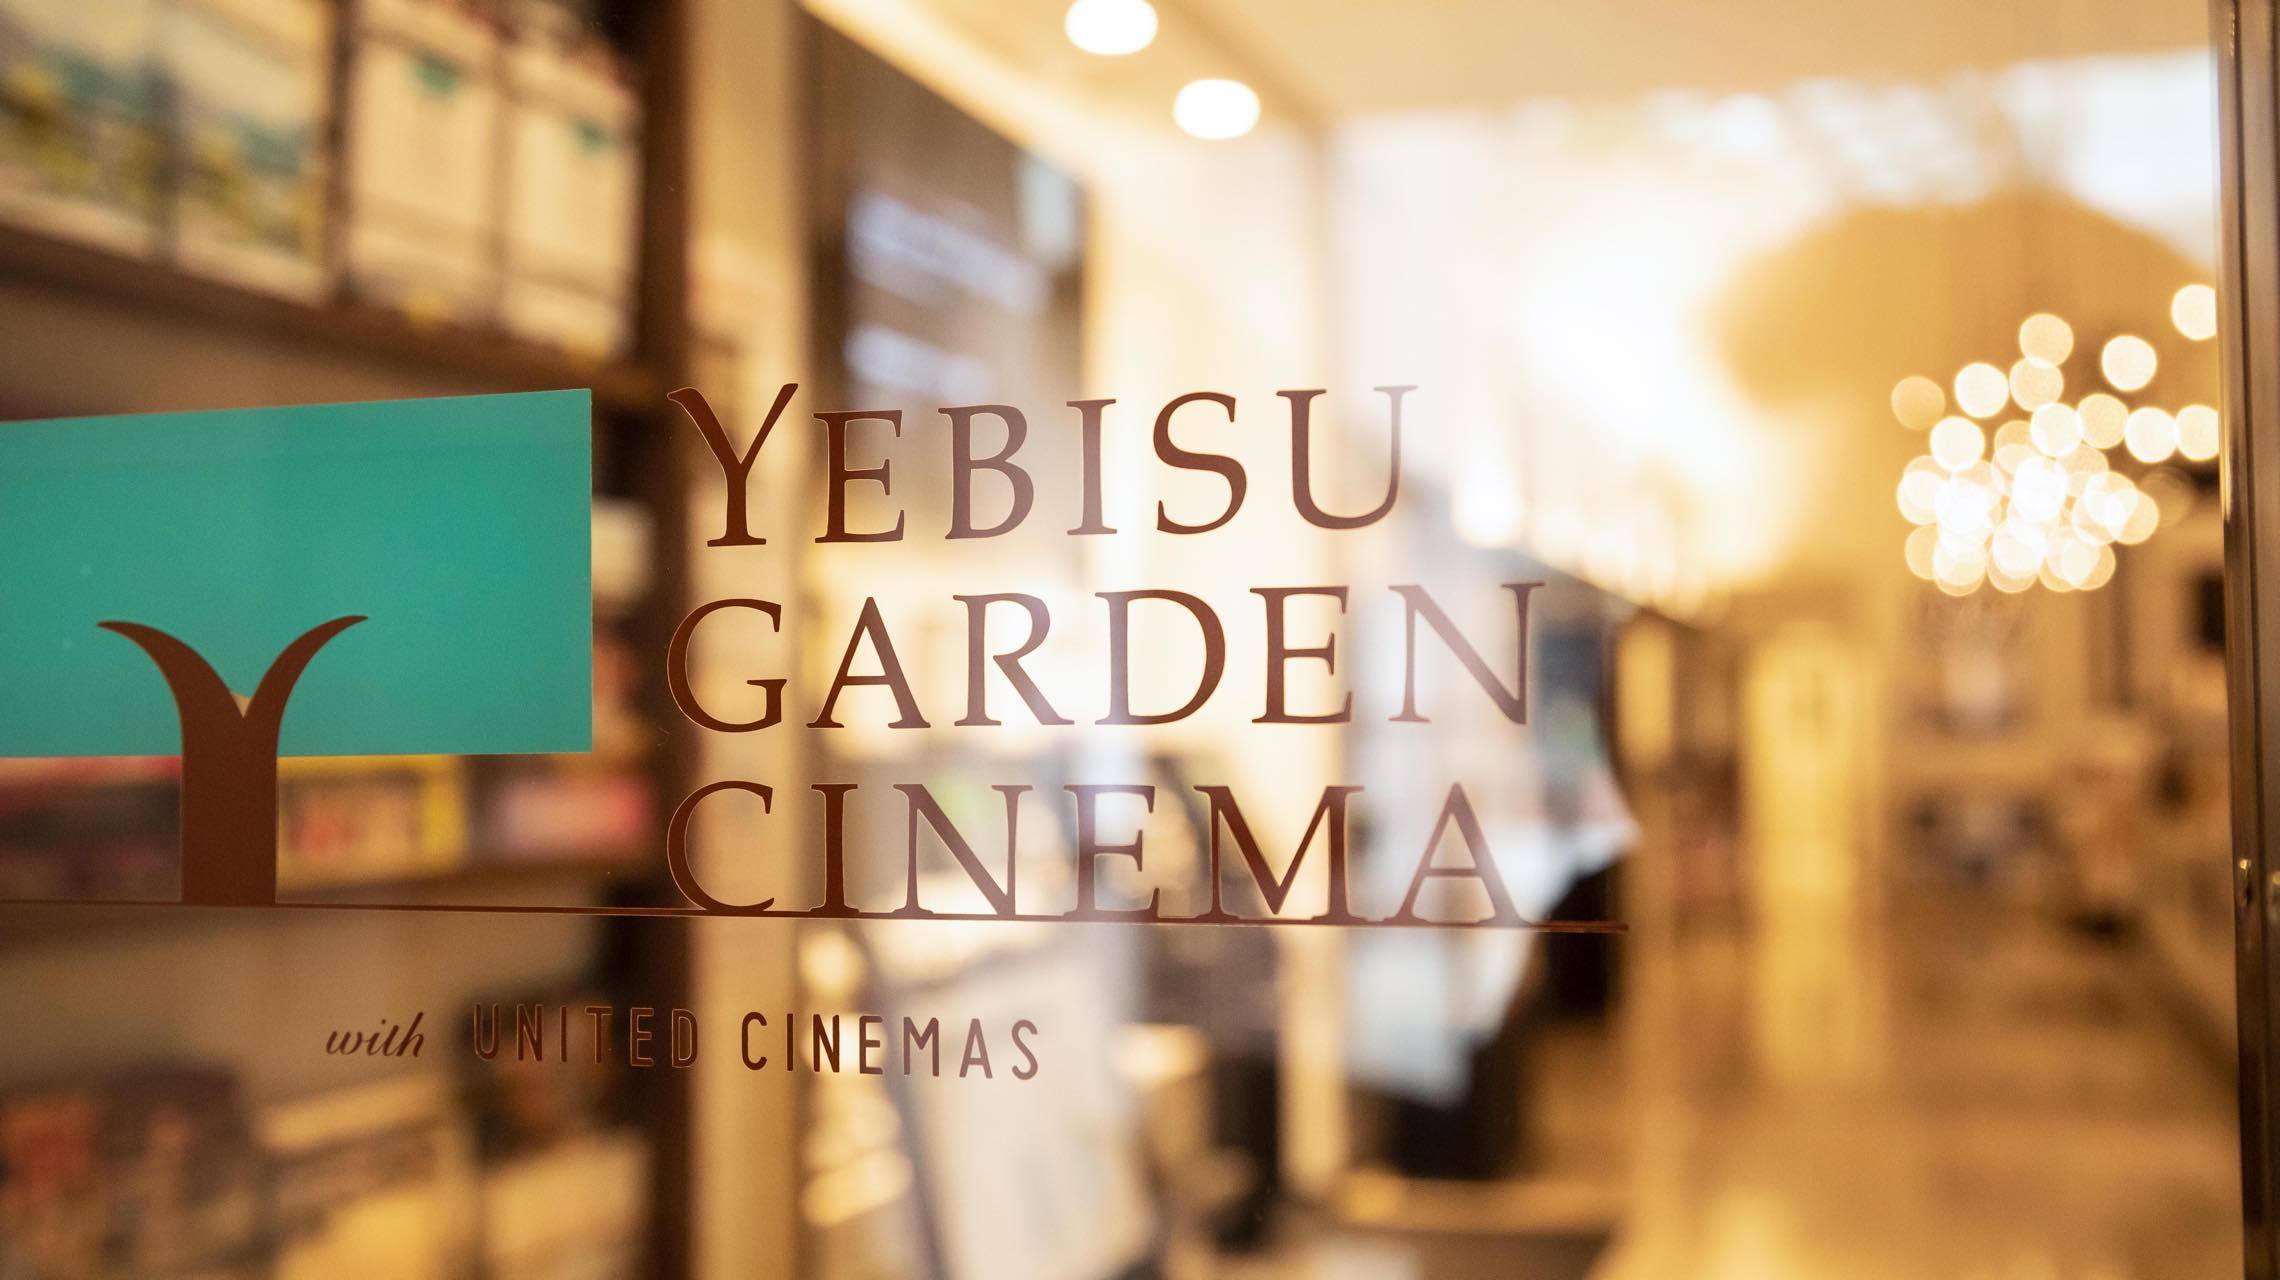 恵比寿という街と一緒に映画を楽しむ。「YEBISU GARDEN CINEMA」のある1日